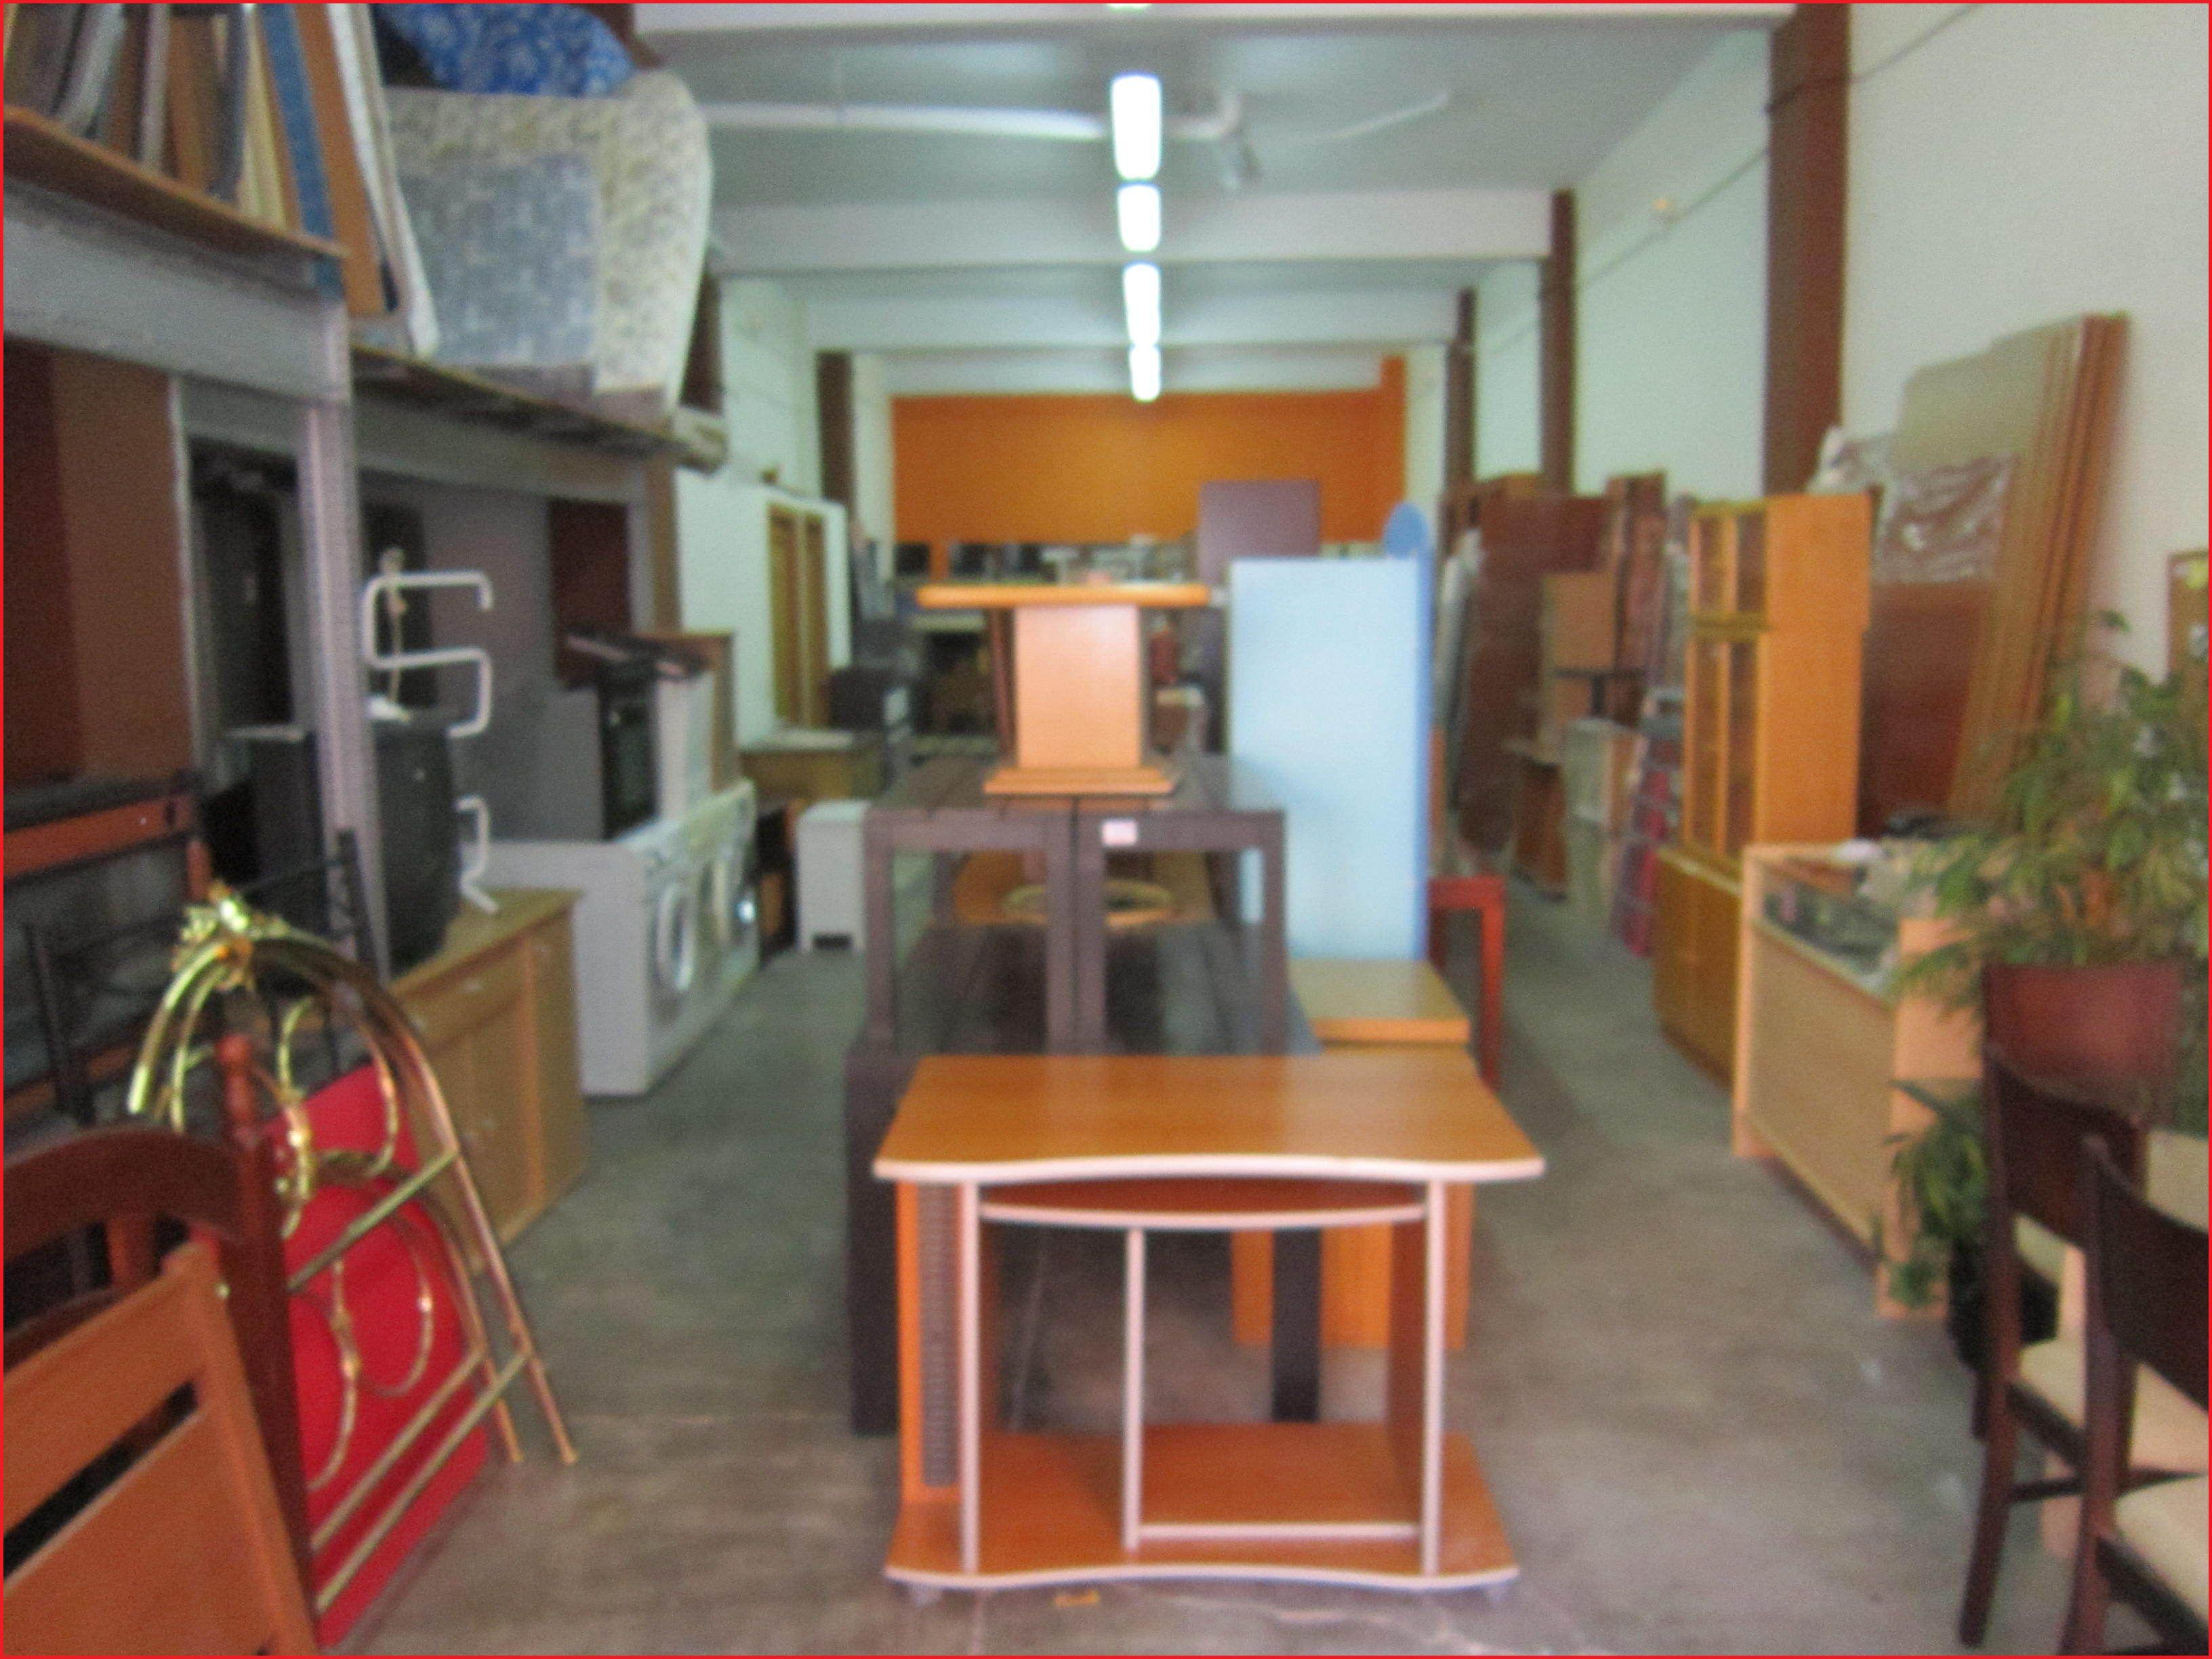 Muebles De Ocasion Drdp Muebles Ocasion Valencia Muebles Tienda Segunda Mano Obtenga